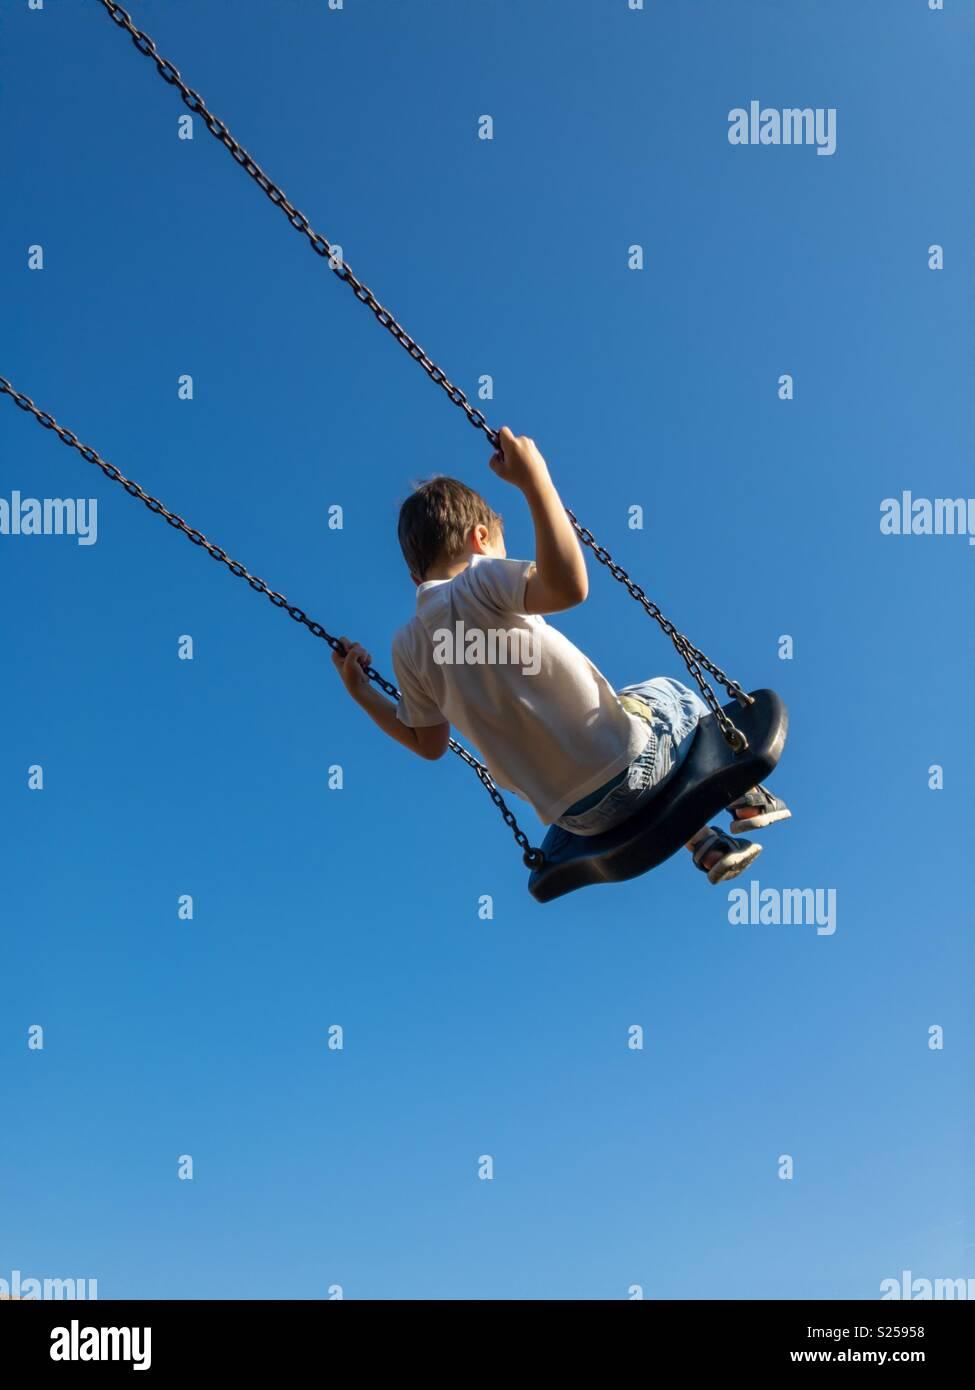 Niño volando alto en un columpio, recuerdos de infancia concepto Imagen De Stock